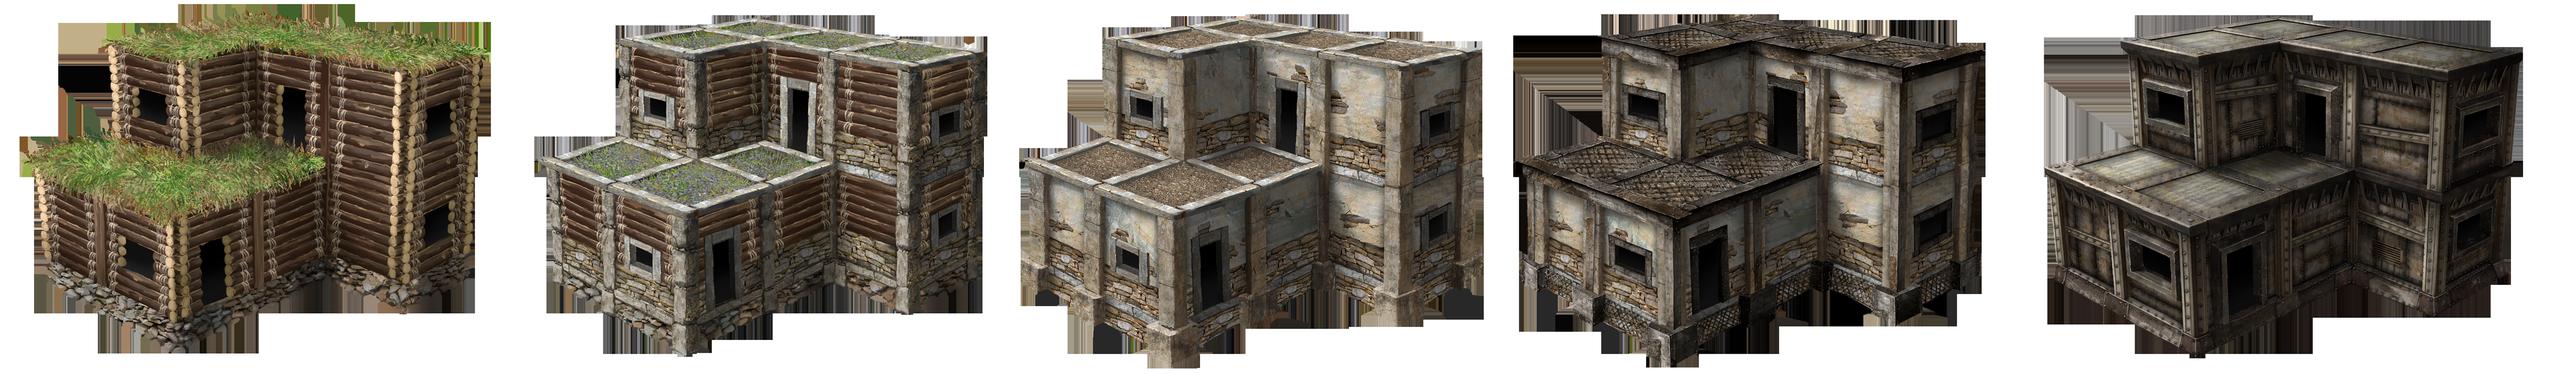 Прогресс зданий 2